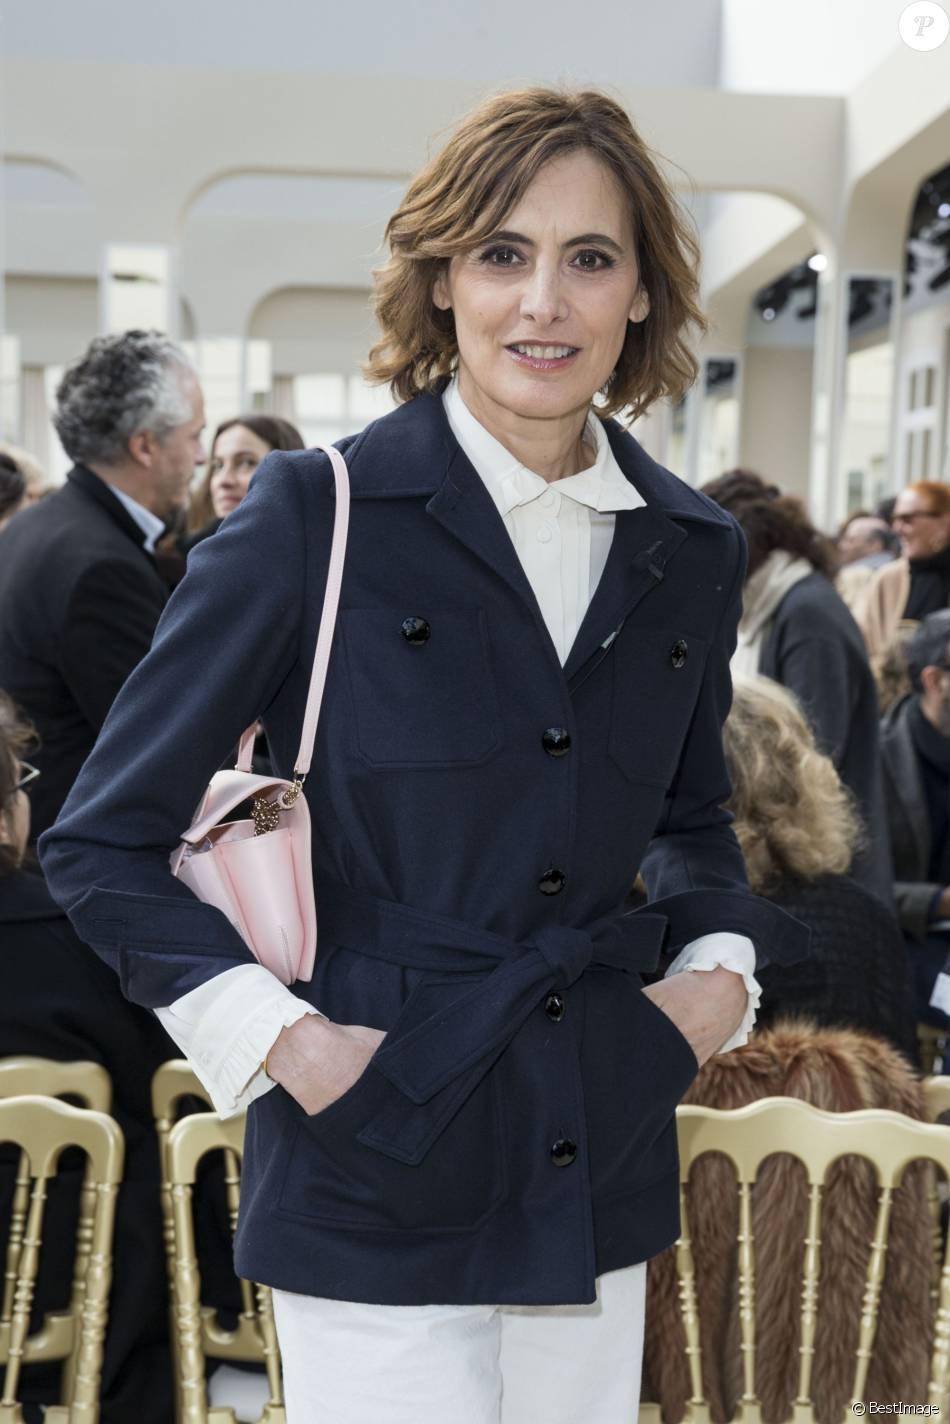 ea873af63e627 Inès de La Fressange au défilé de mode Chanel collection prêt-à-porter  Automne